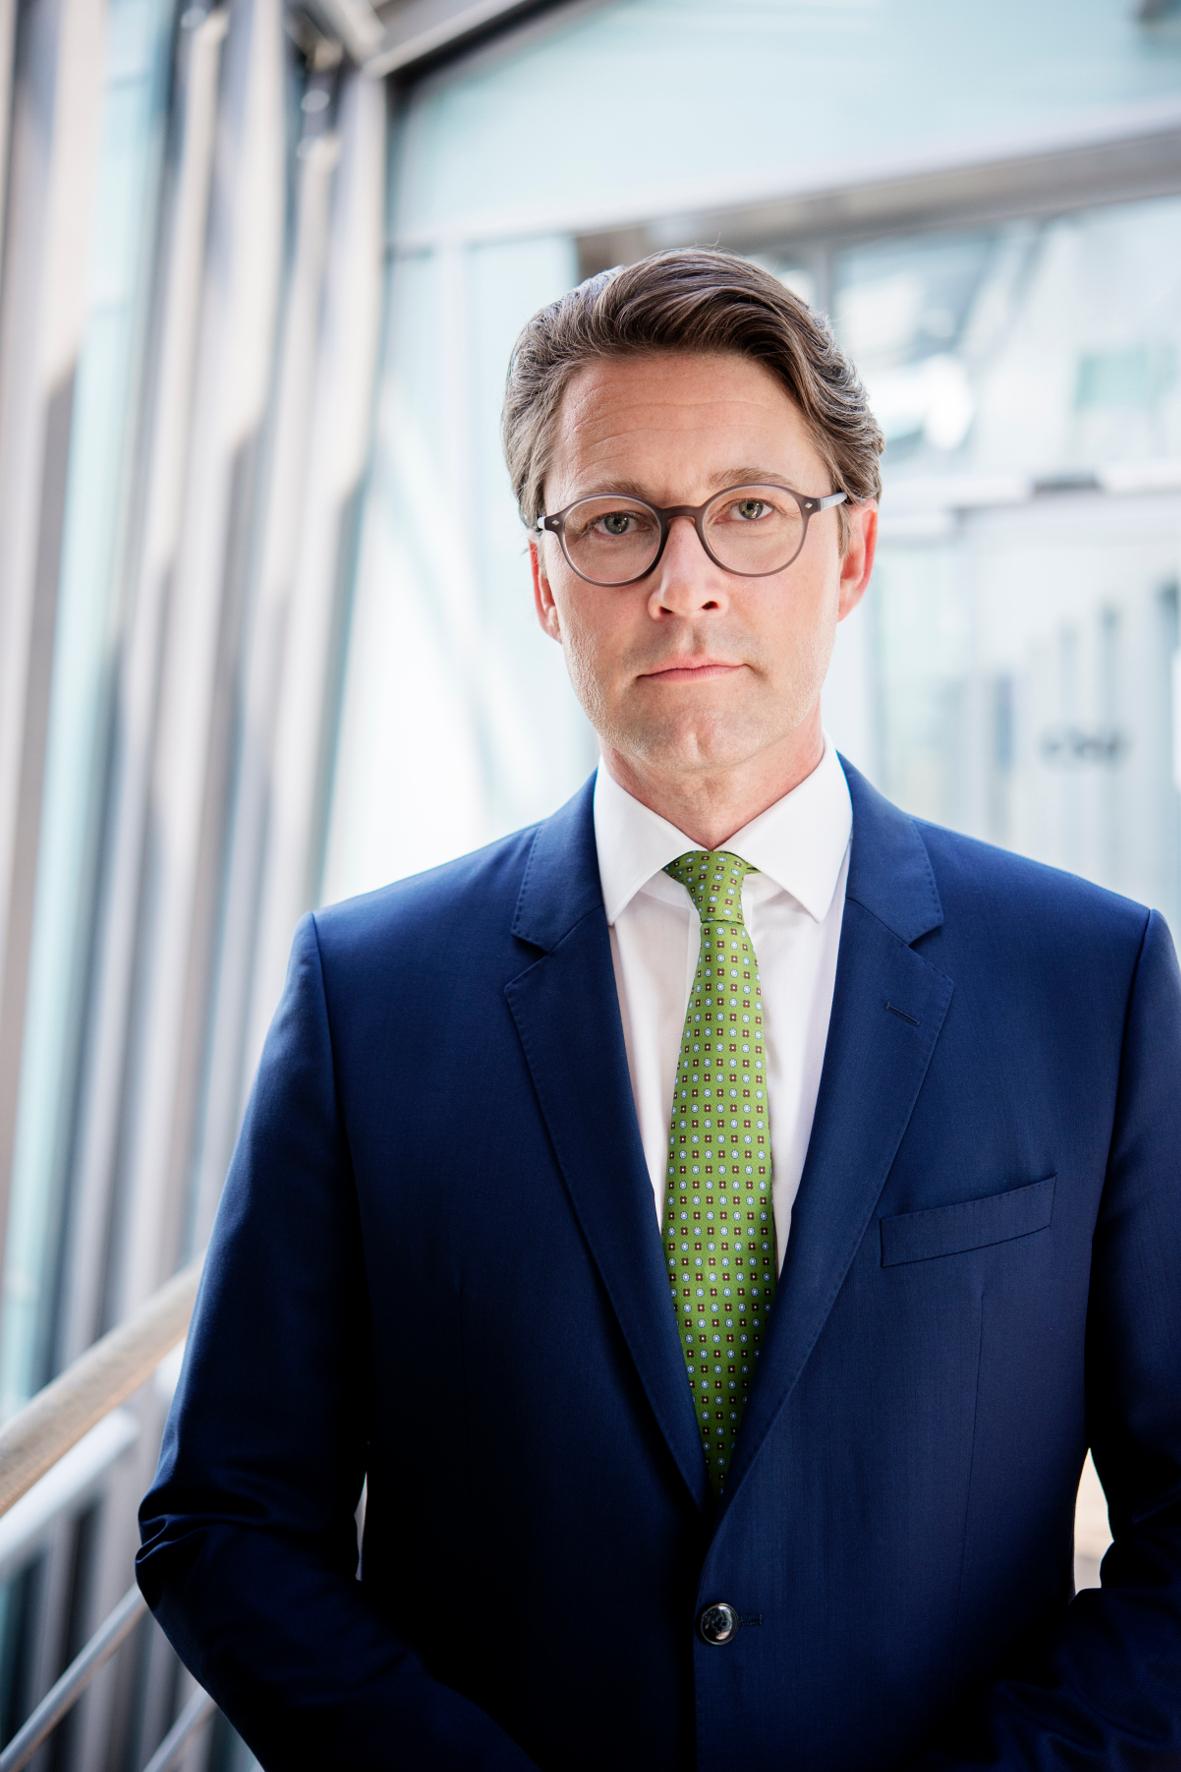 mid Groß-Gerau - Bundesverkehrsminister Andreas Scheuer steht nach dem Maut-Desaster erheblich unter Druck. CSU